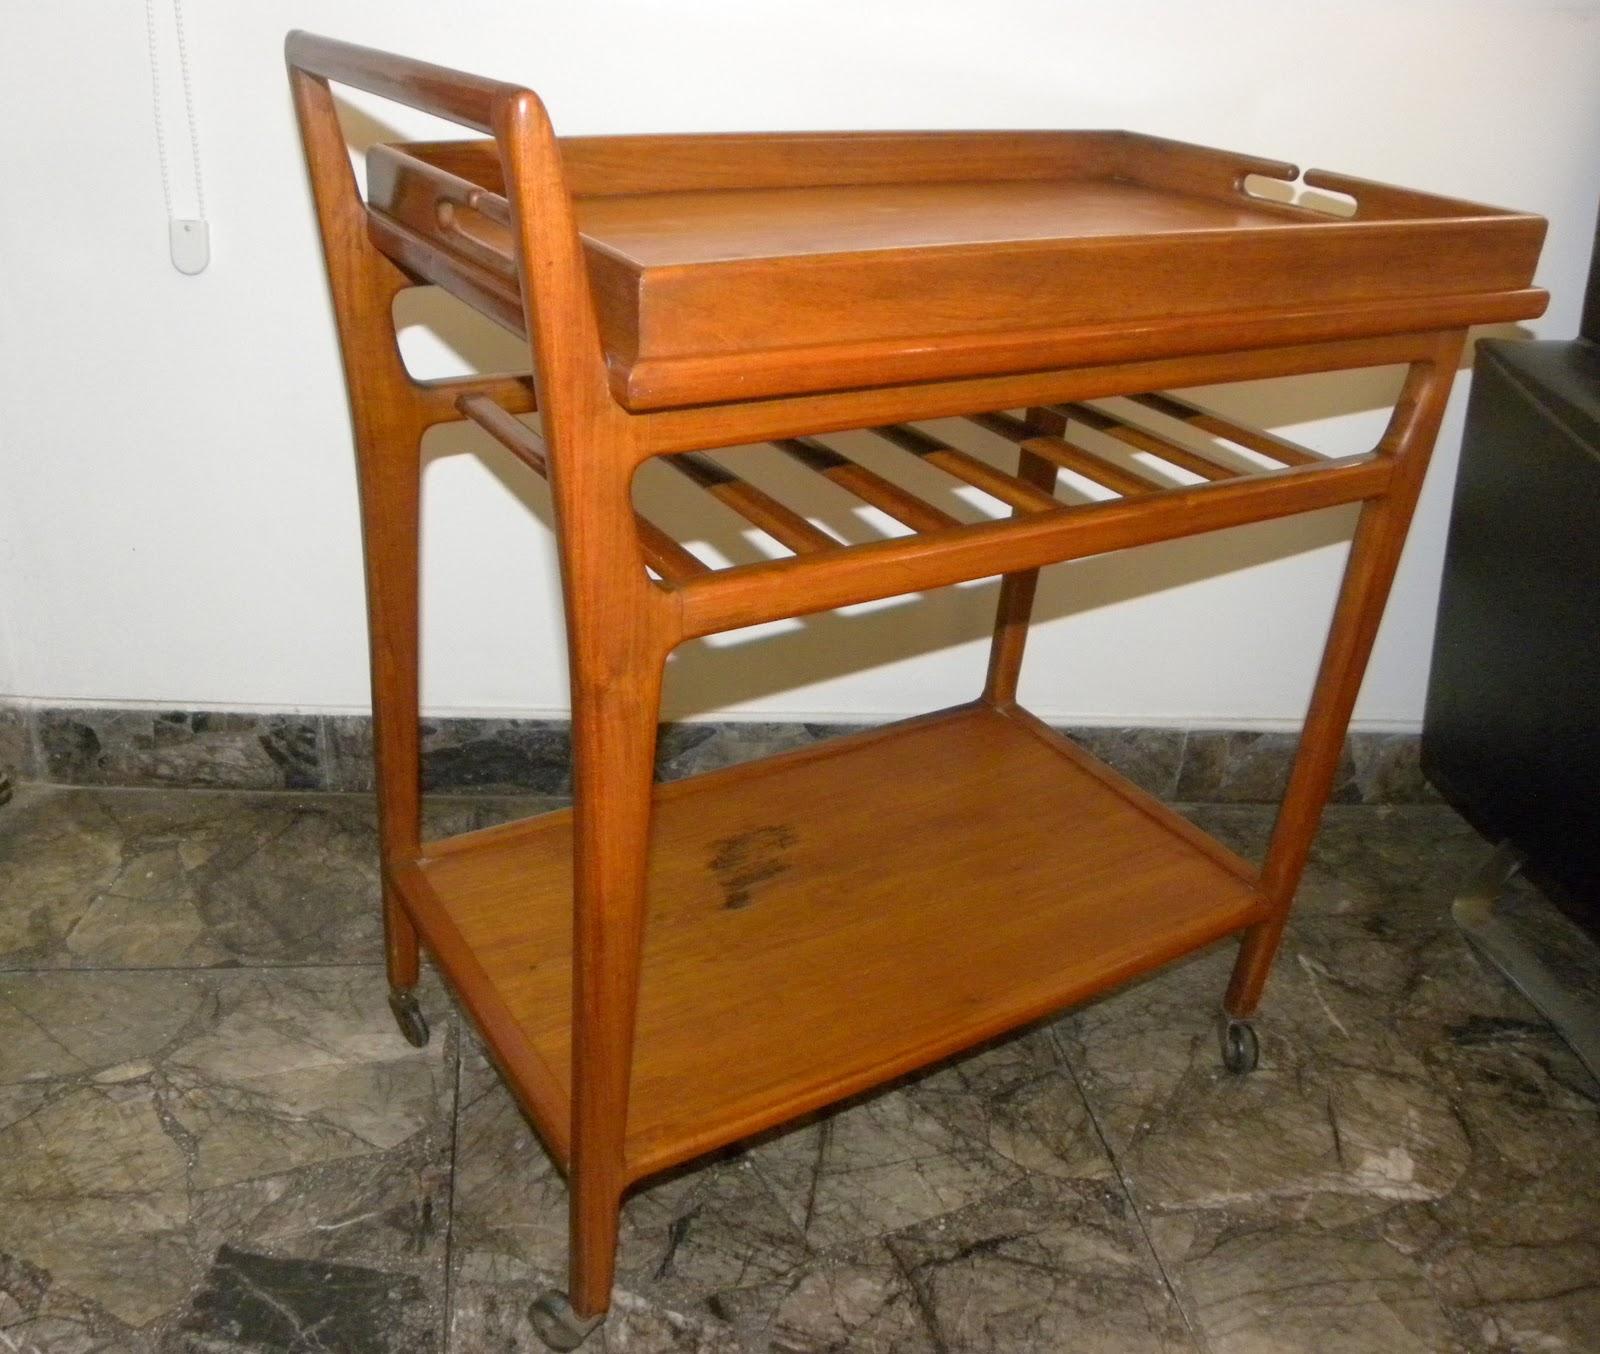 Deco retro vintage mesa de bar rodante escandinava for Bar rodante de madera